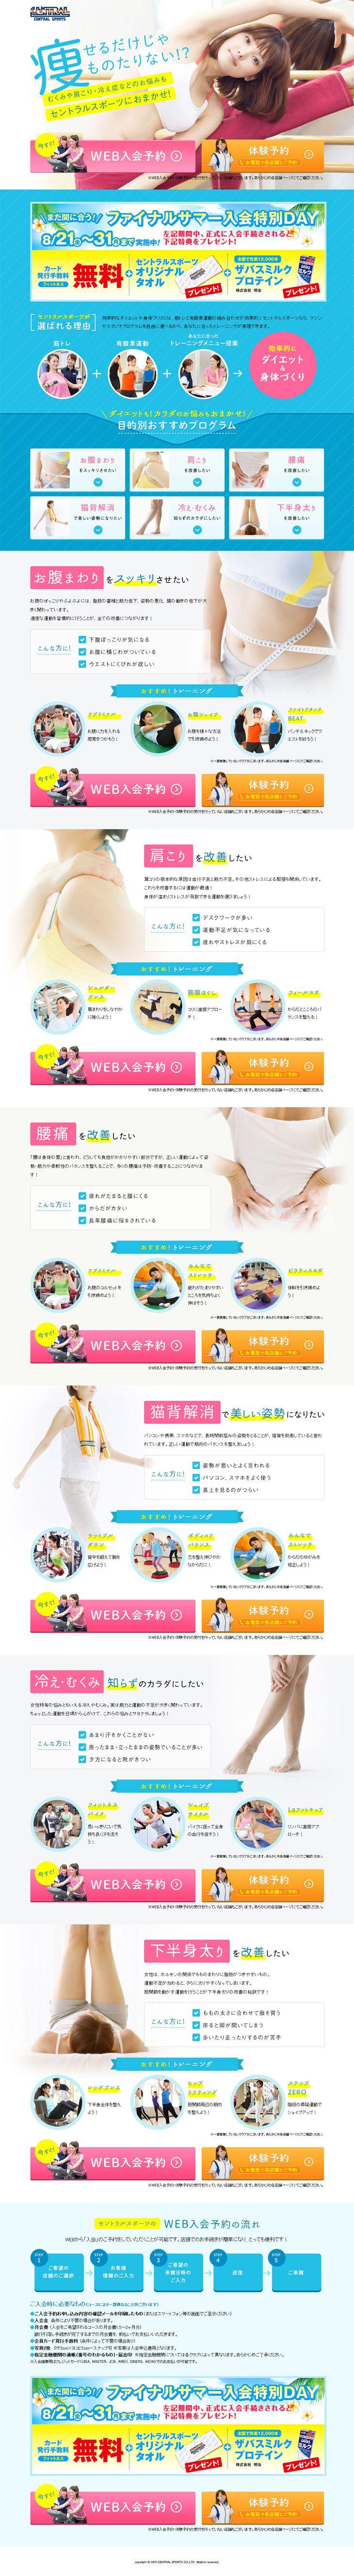 ランディングページ LP ファイナルサマー入会特別DAY スポーツ・アウトドア 自社サイト